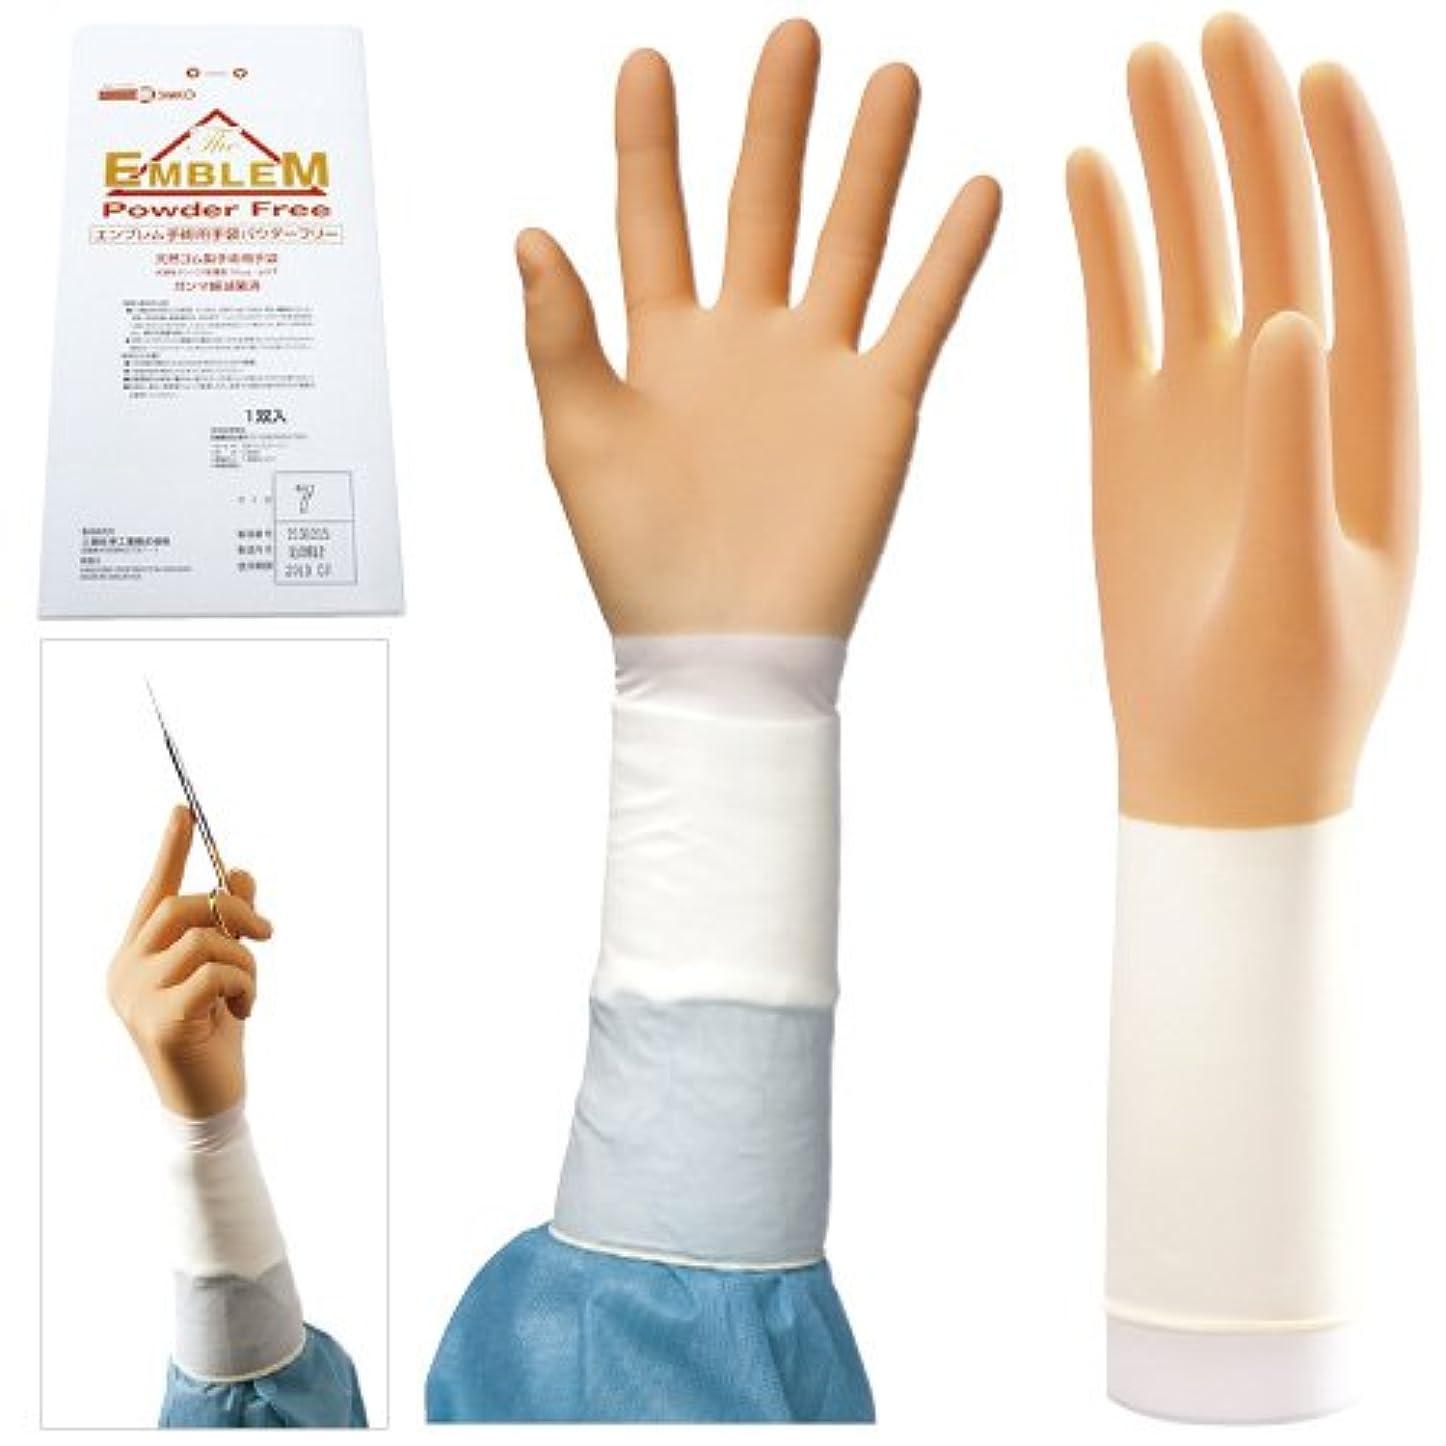 に対応ふさわしい忘れるエンブレム手術用手袋 パウダーフリー NEW(20双入) 7